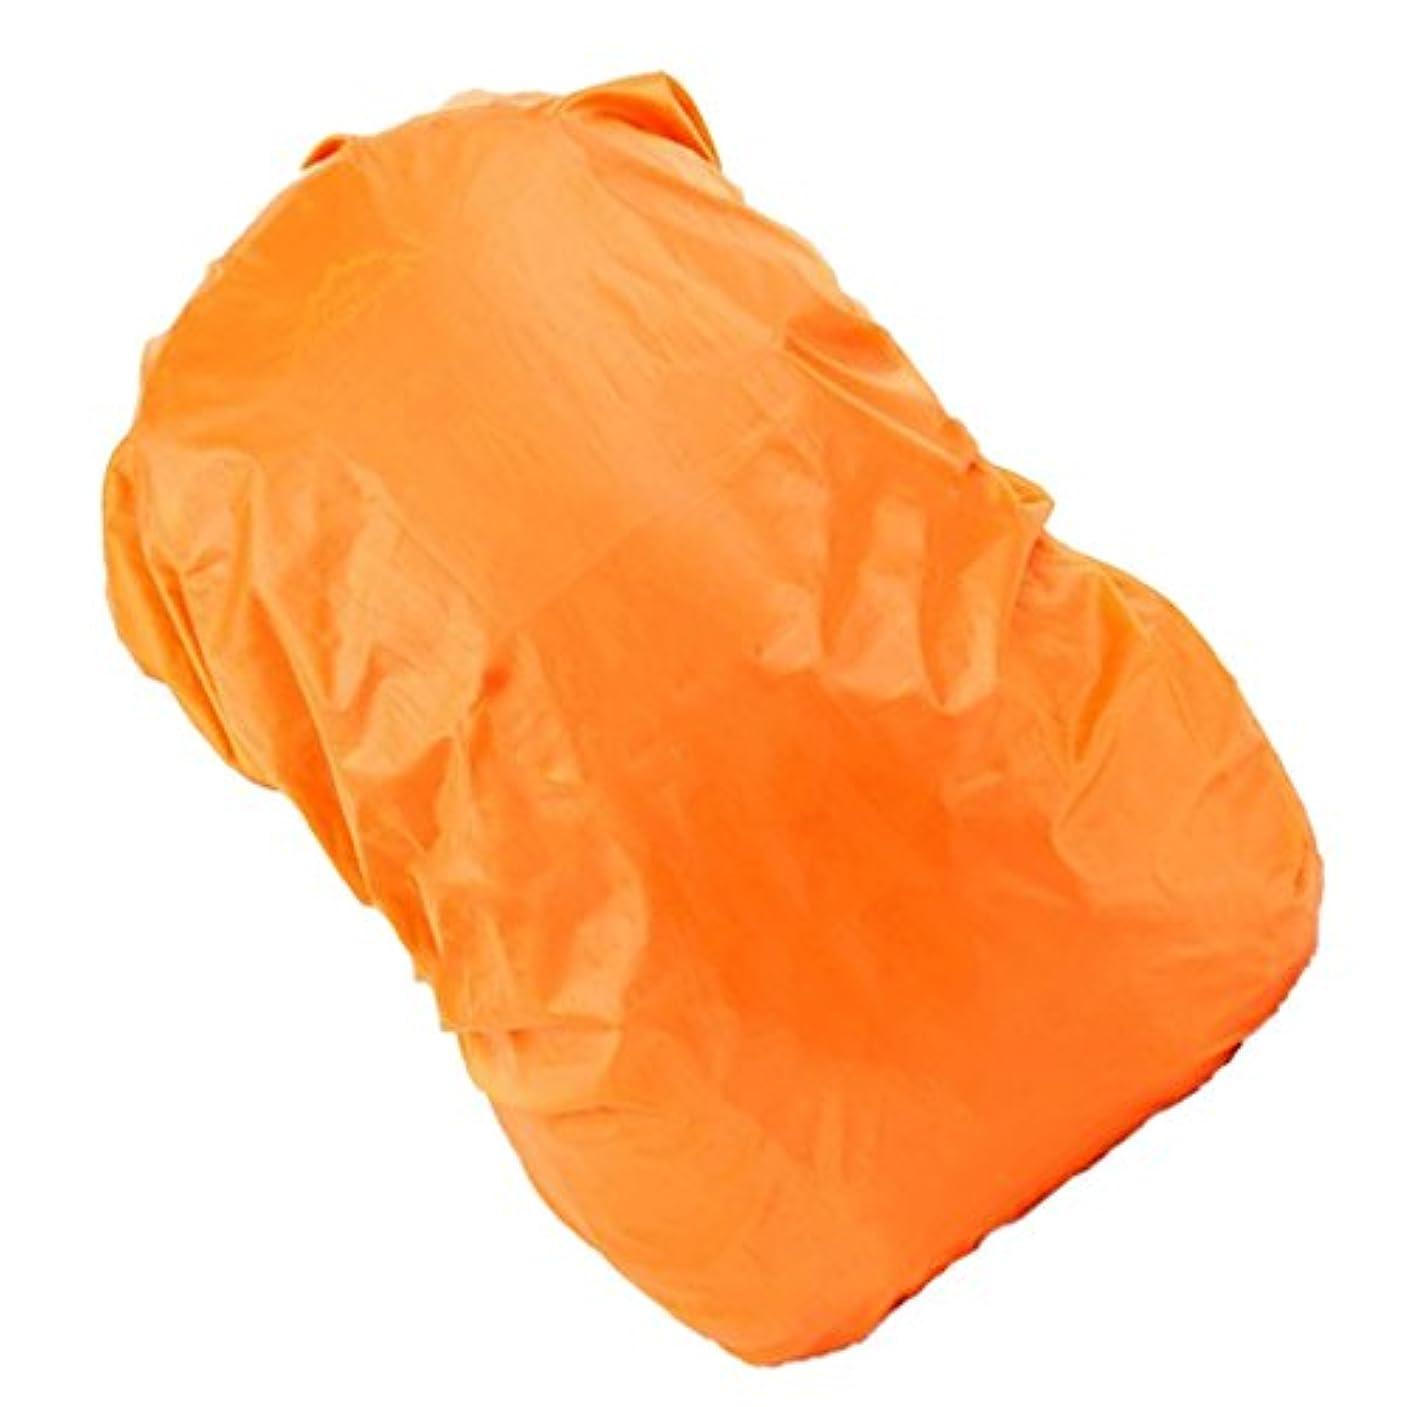 勝利した防止申し立てる【ノーブランド 品】防水 旅行 キャンプ ハイキング バックパック ダスト レインカバー 30L-40L 全8色選べる - オレンジ